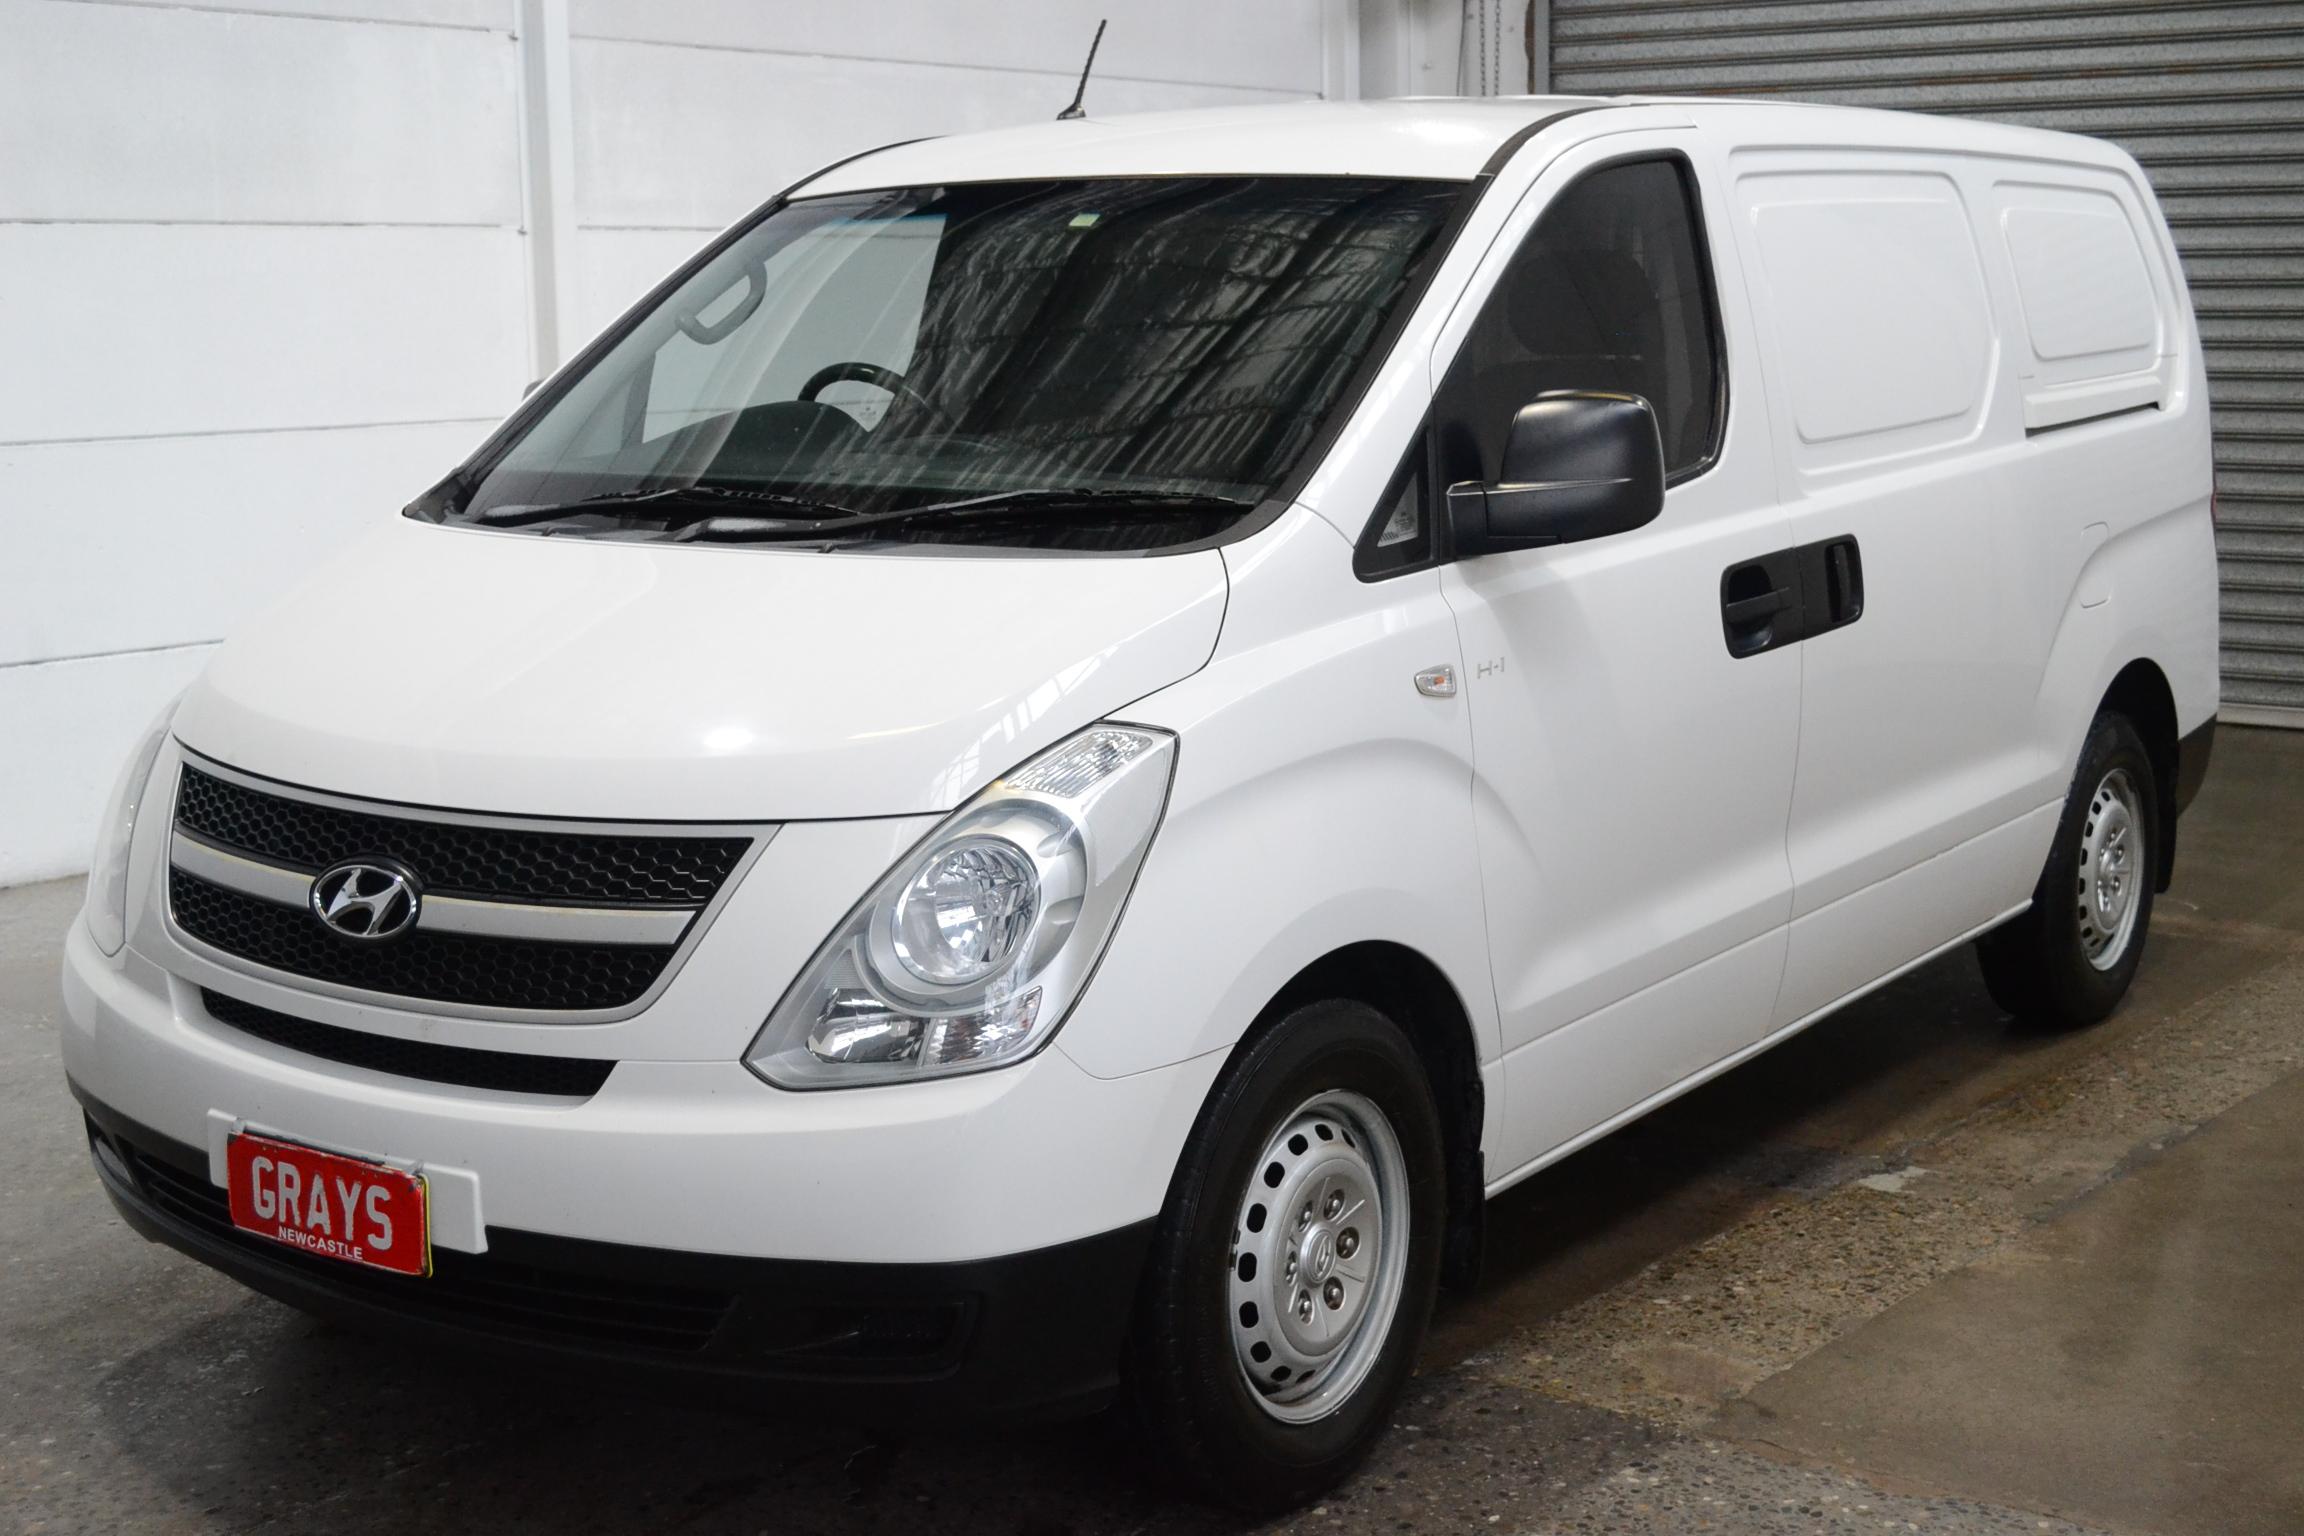 2013 Hyundai iLOAD TQ Turbo Diesel Automatic Van